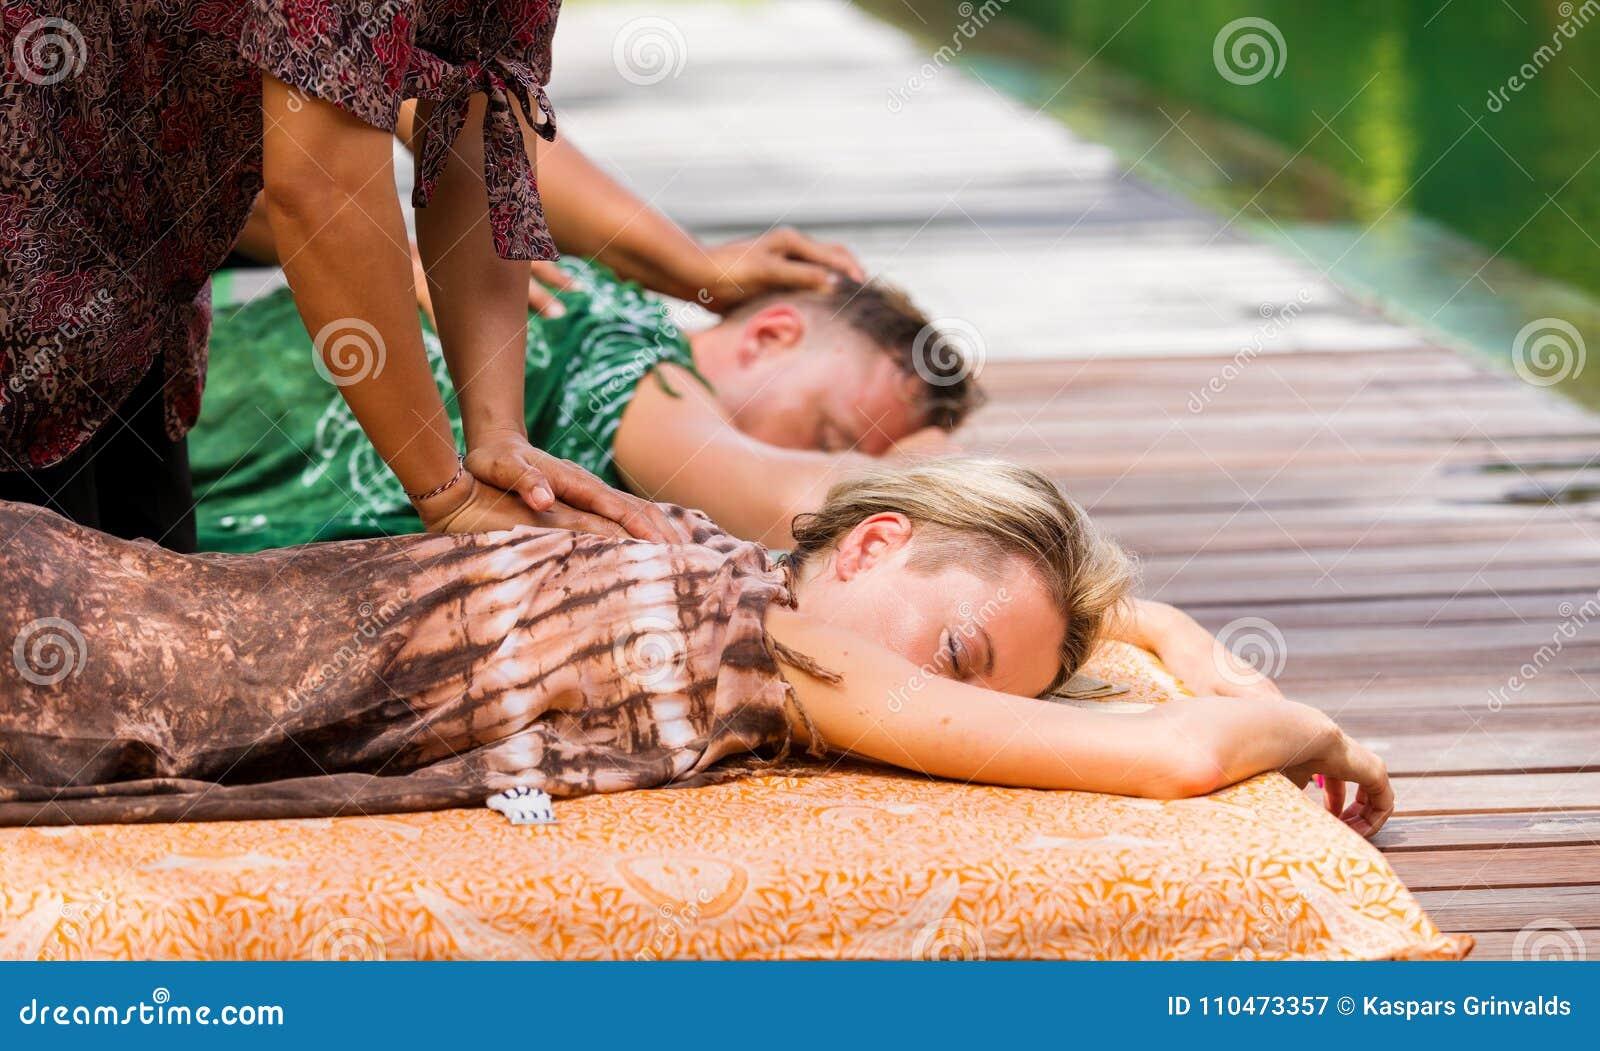 Boy gets massage